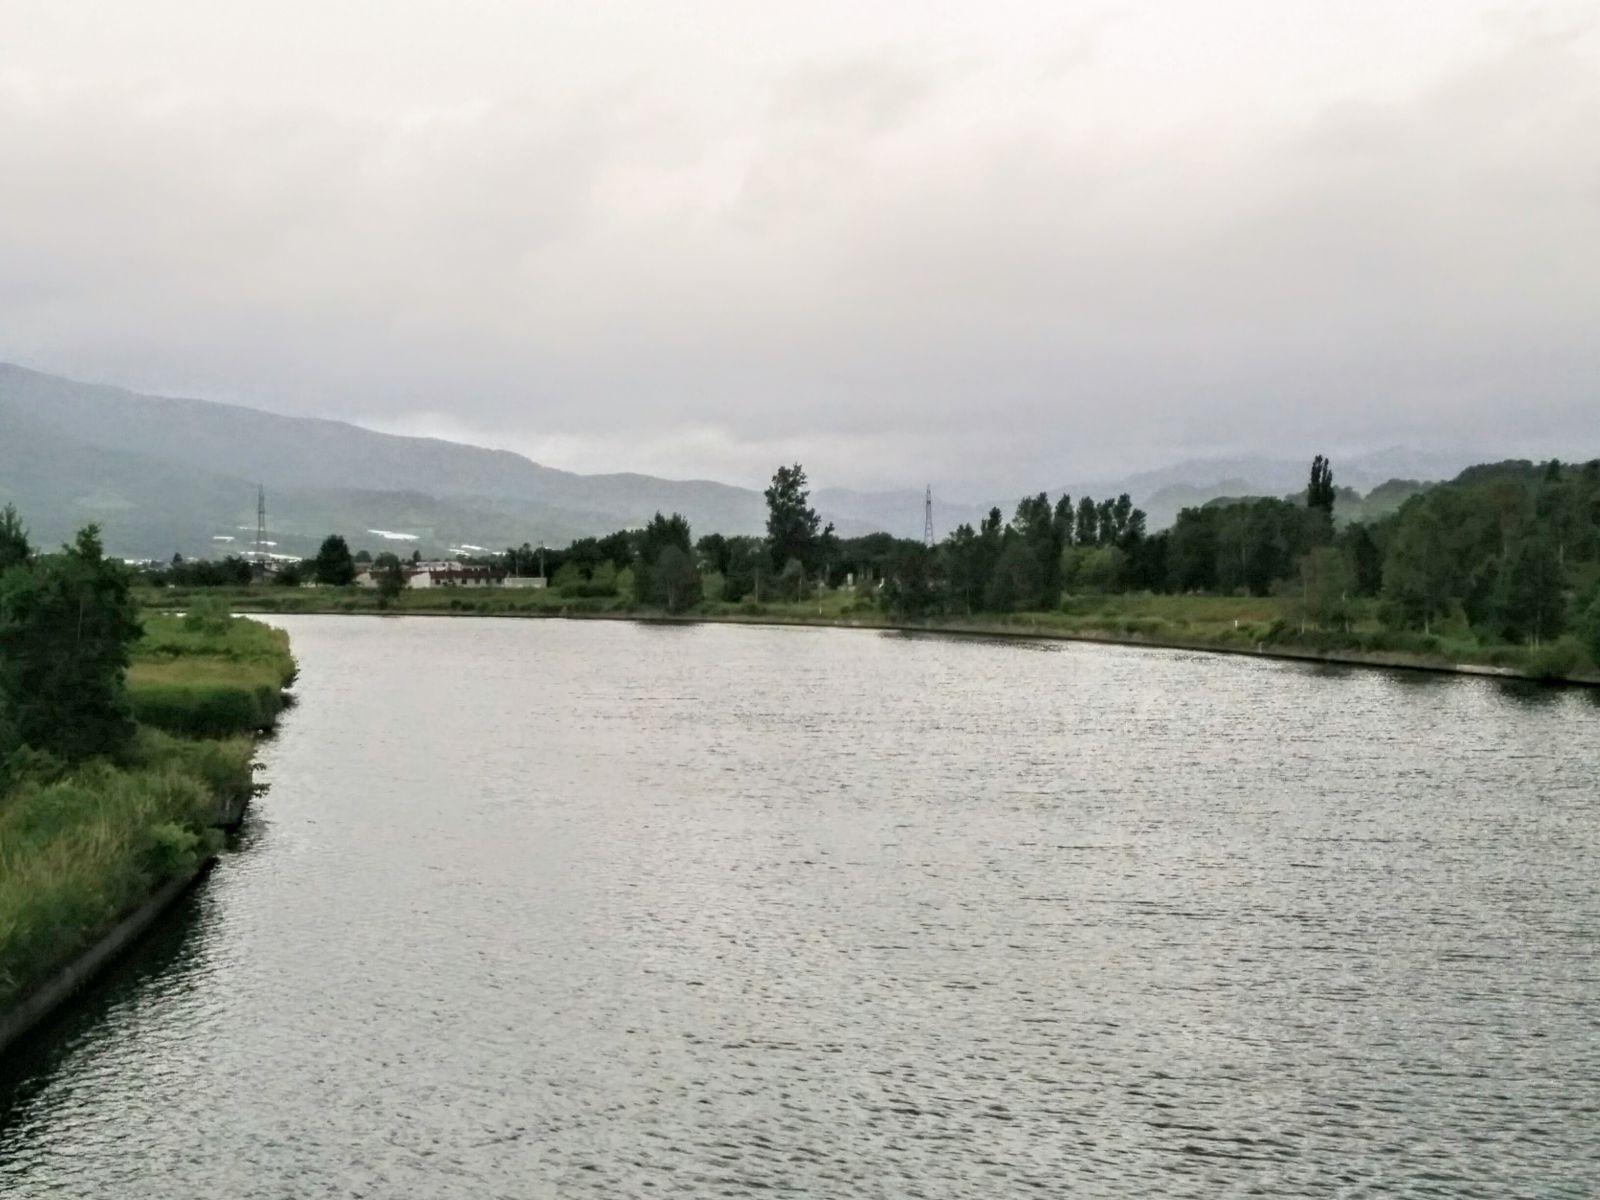 【余市町】余市川と余市橋の観光案内です。